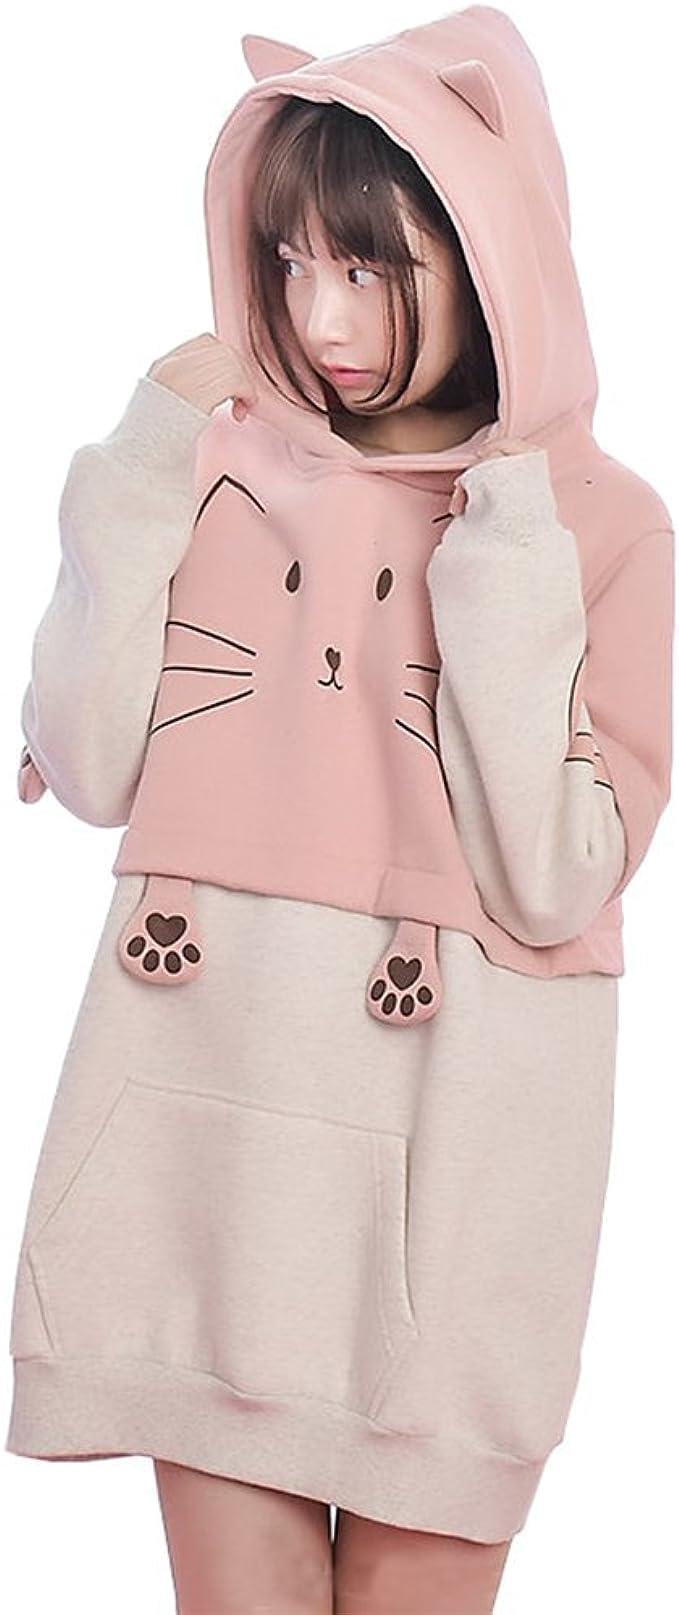 Foreigner Famale Cat Ear Hoodie Sweater Long Sleeve Cute Hoodie Sweatshirt Black